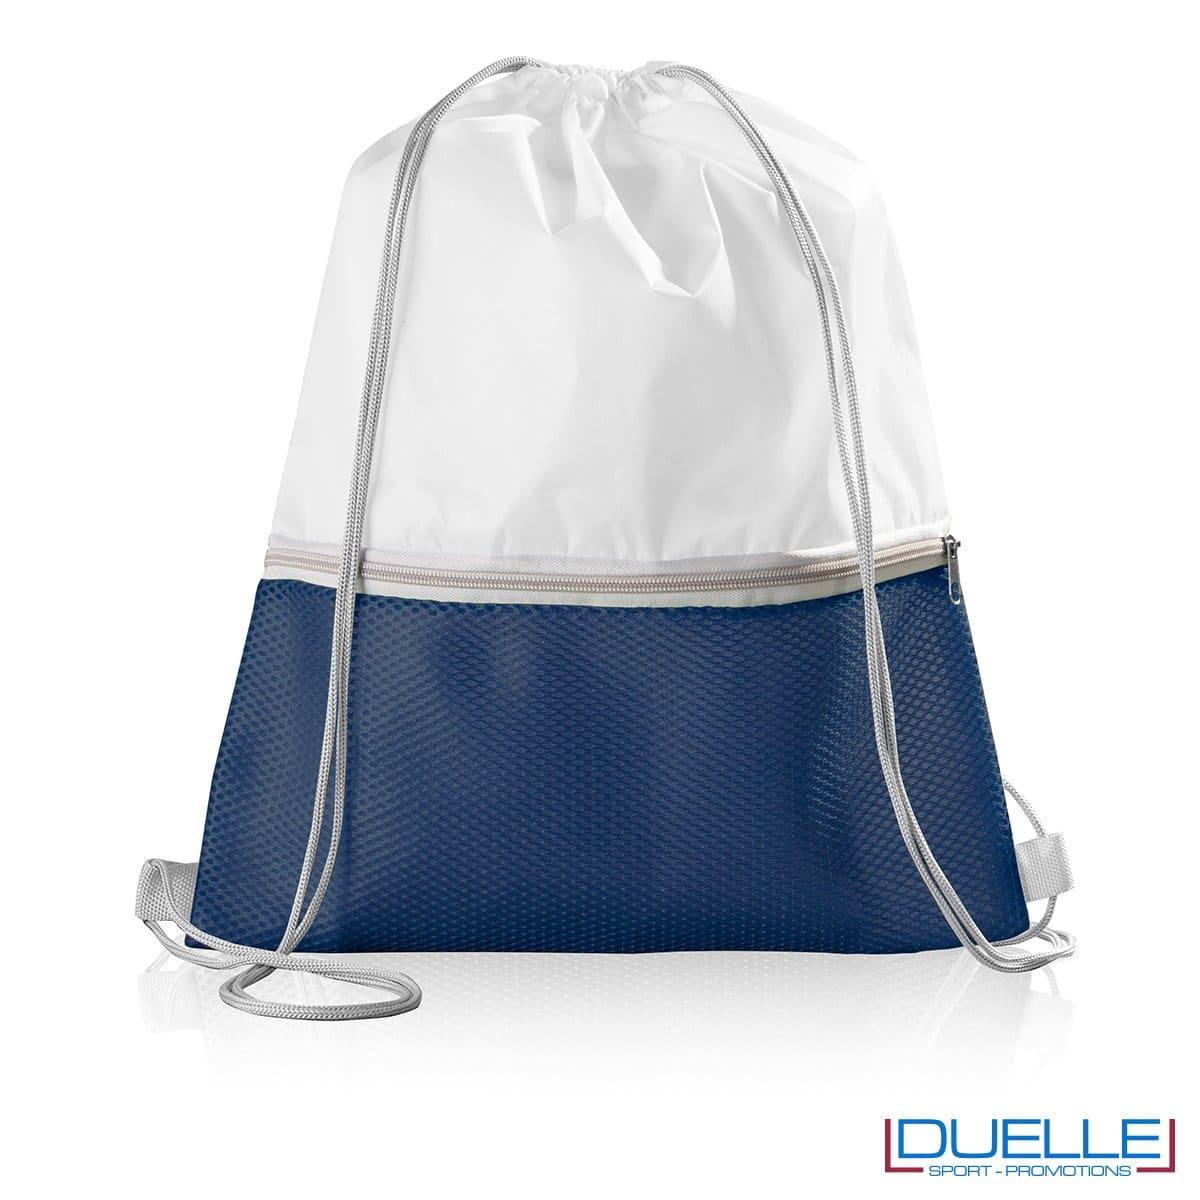 Zainetto in nylon personalizzato con tasca colore blu navy